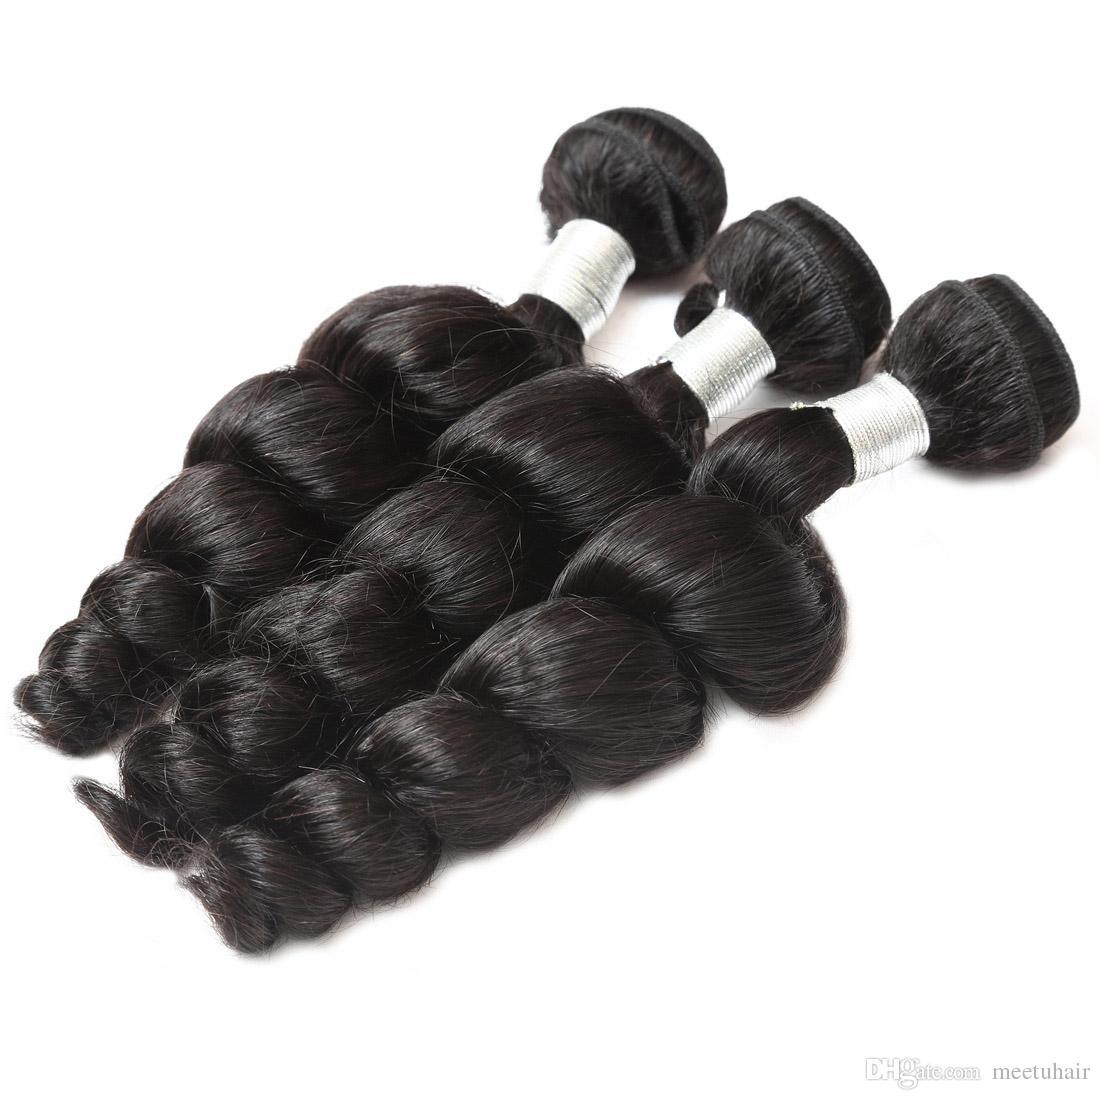 공장 가격 상위 12A 품질 스트레이트 바디 느슨한 깊은 곱슬 물 파도 원시 인간의 머리 3Bundles 8-30inch 브라질 페루 말레이시아 머리카락